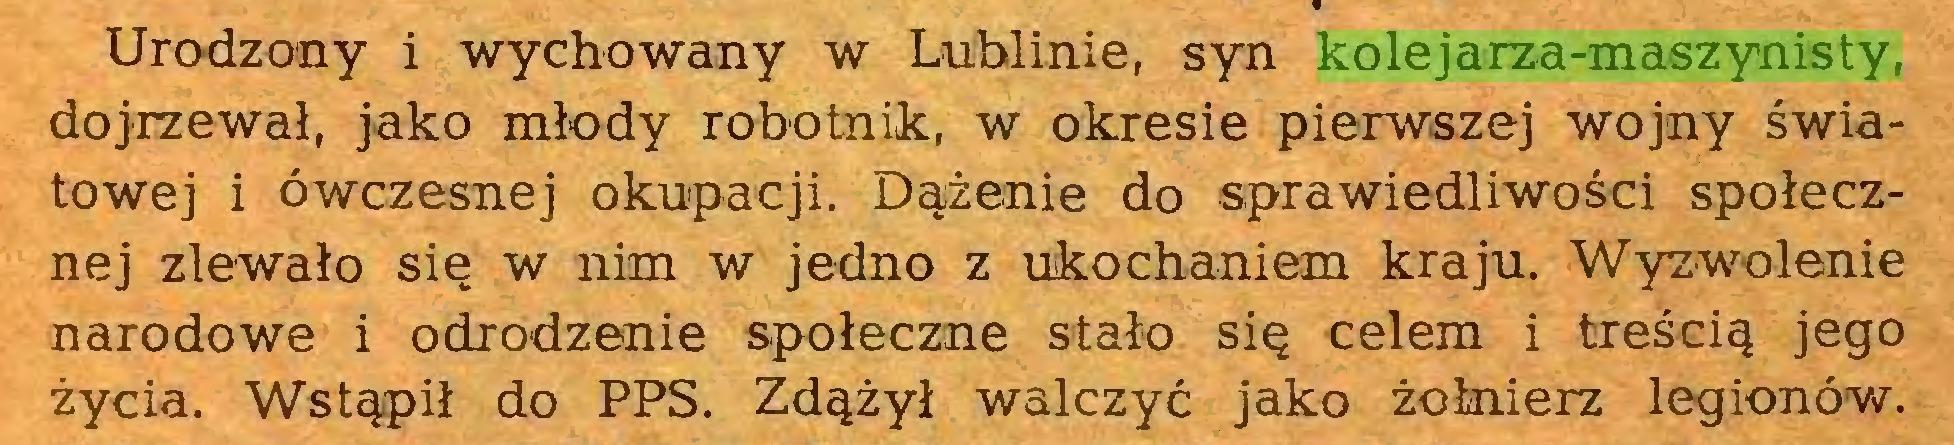 (...) Urodzony i wychowany w Lublinie, syn kolejarza-maszynisty, dojrzewał, jako młody robotnik, w okresie pierwszej wojny światowej i ówczesnej okupacji. Dążenie do sprawiedliwości społecznej zlewało się w nim w jedno z ukochaniem kraju. Wyzwolenie narodowe i odrodzenie społeczne stało się celem i treścią jego życia. Wstąpił do PPS. Zdążył walczyć jako żołnierz legionów...